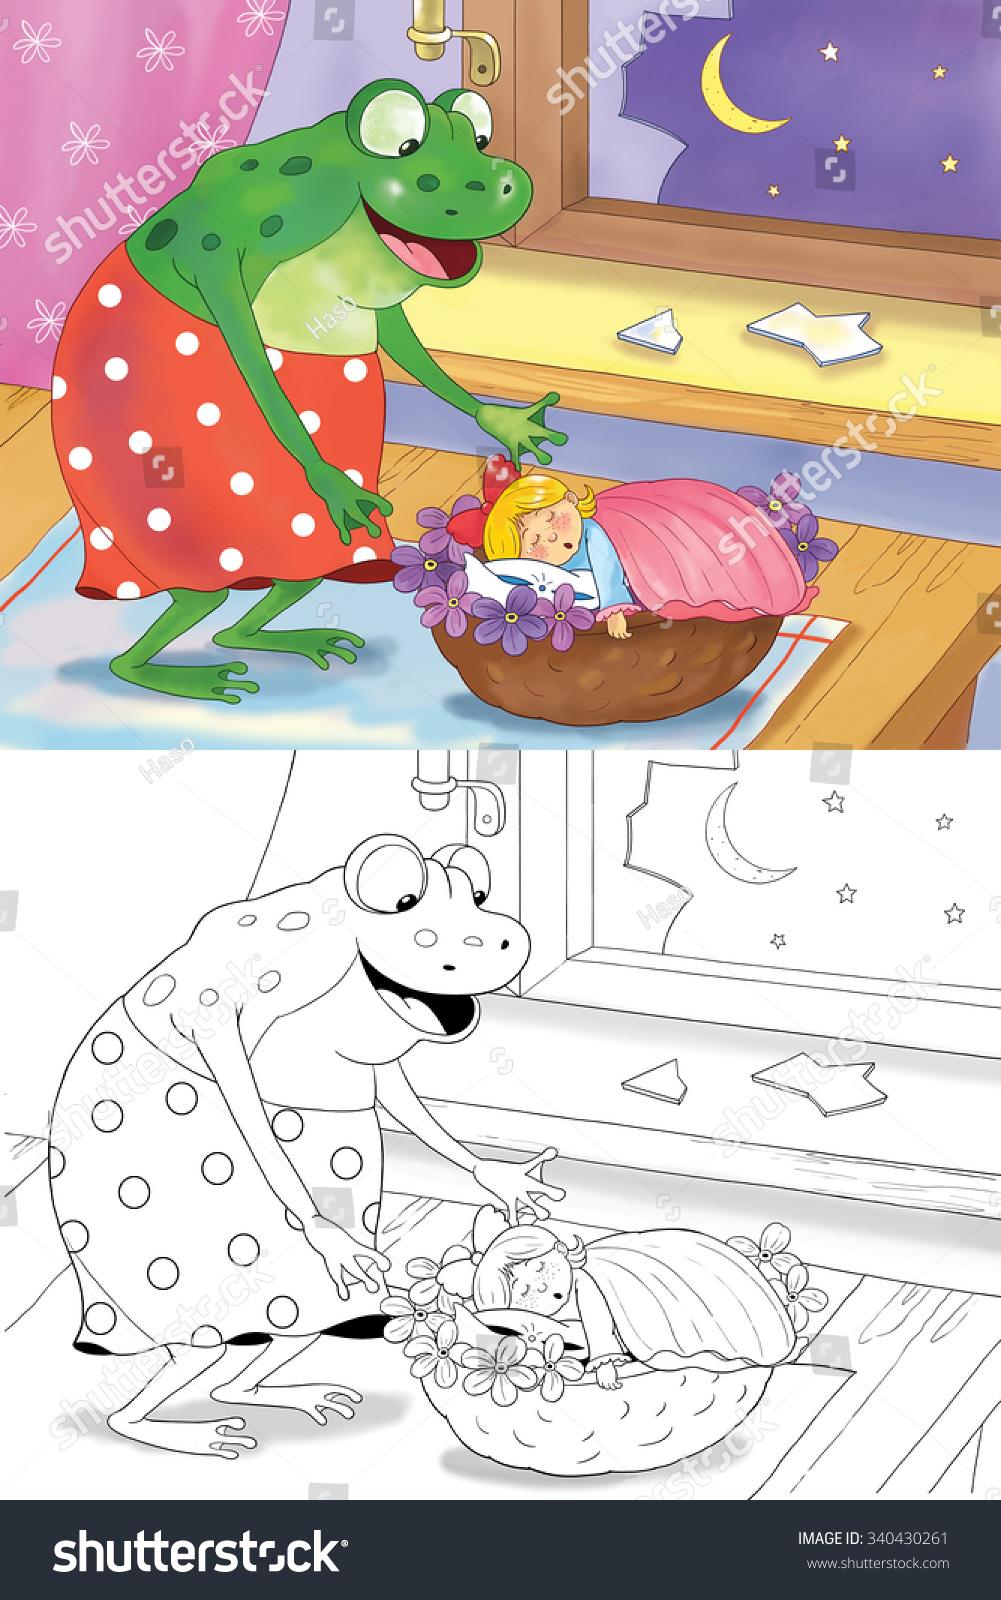 thumbelina fairy tale cute tiny stock illustration 340430261